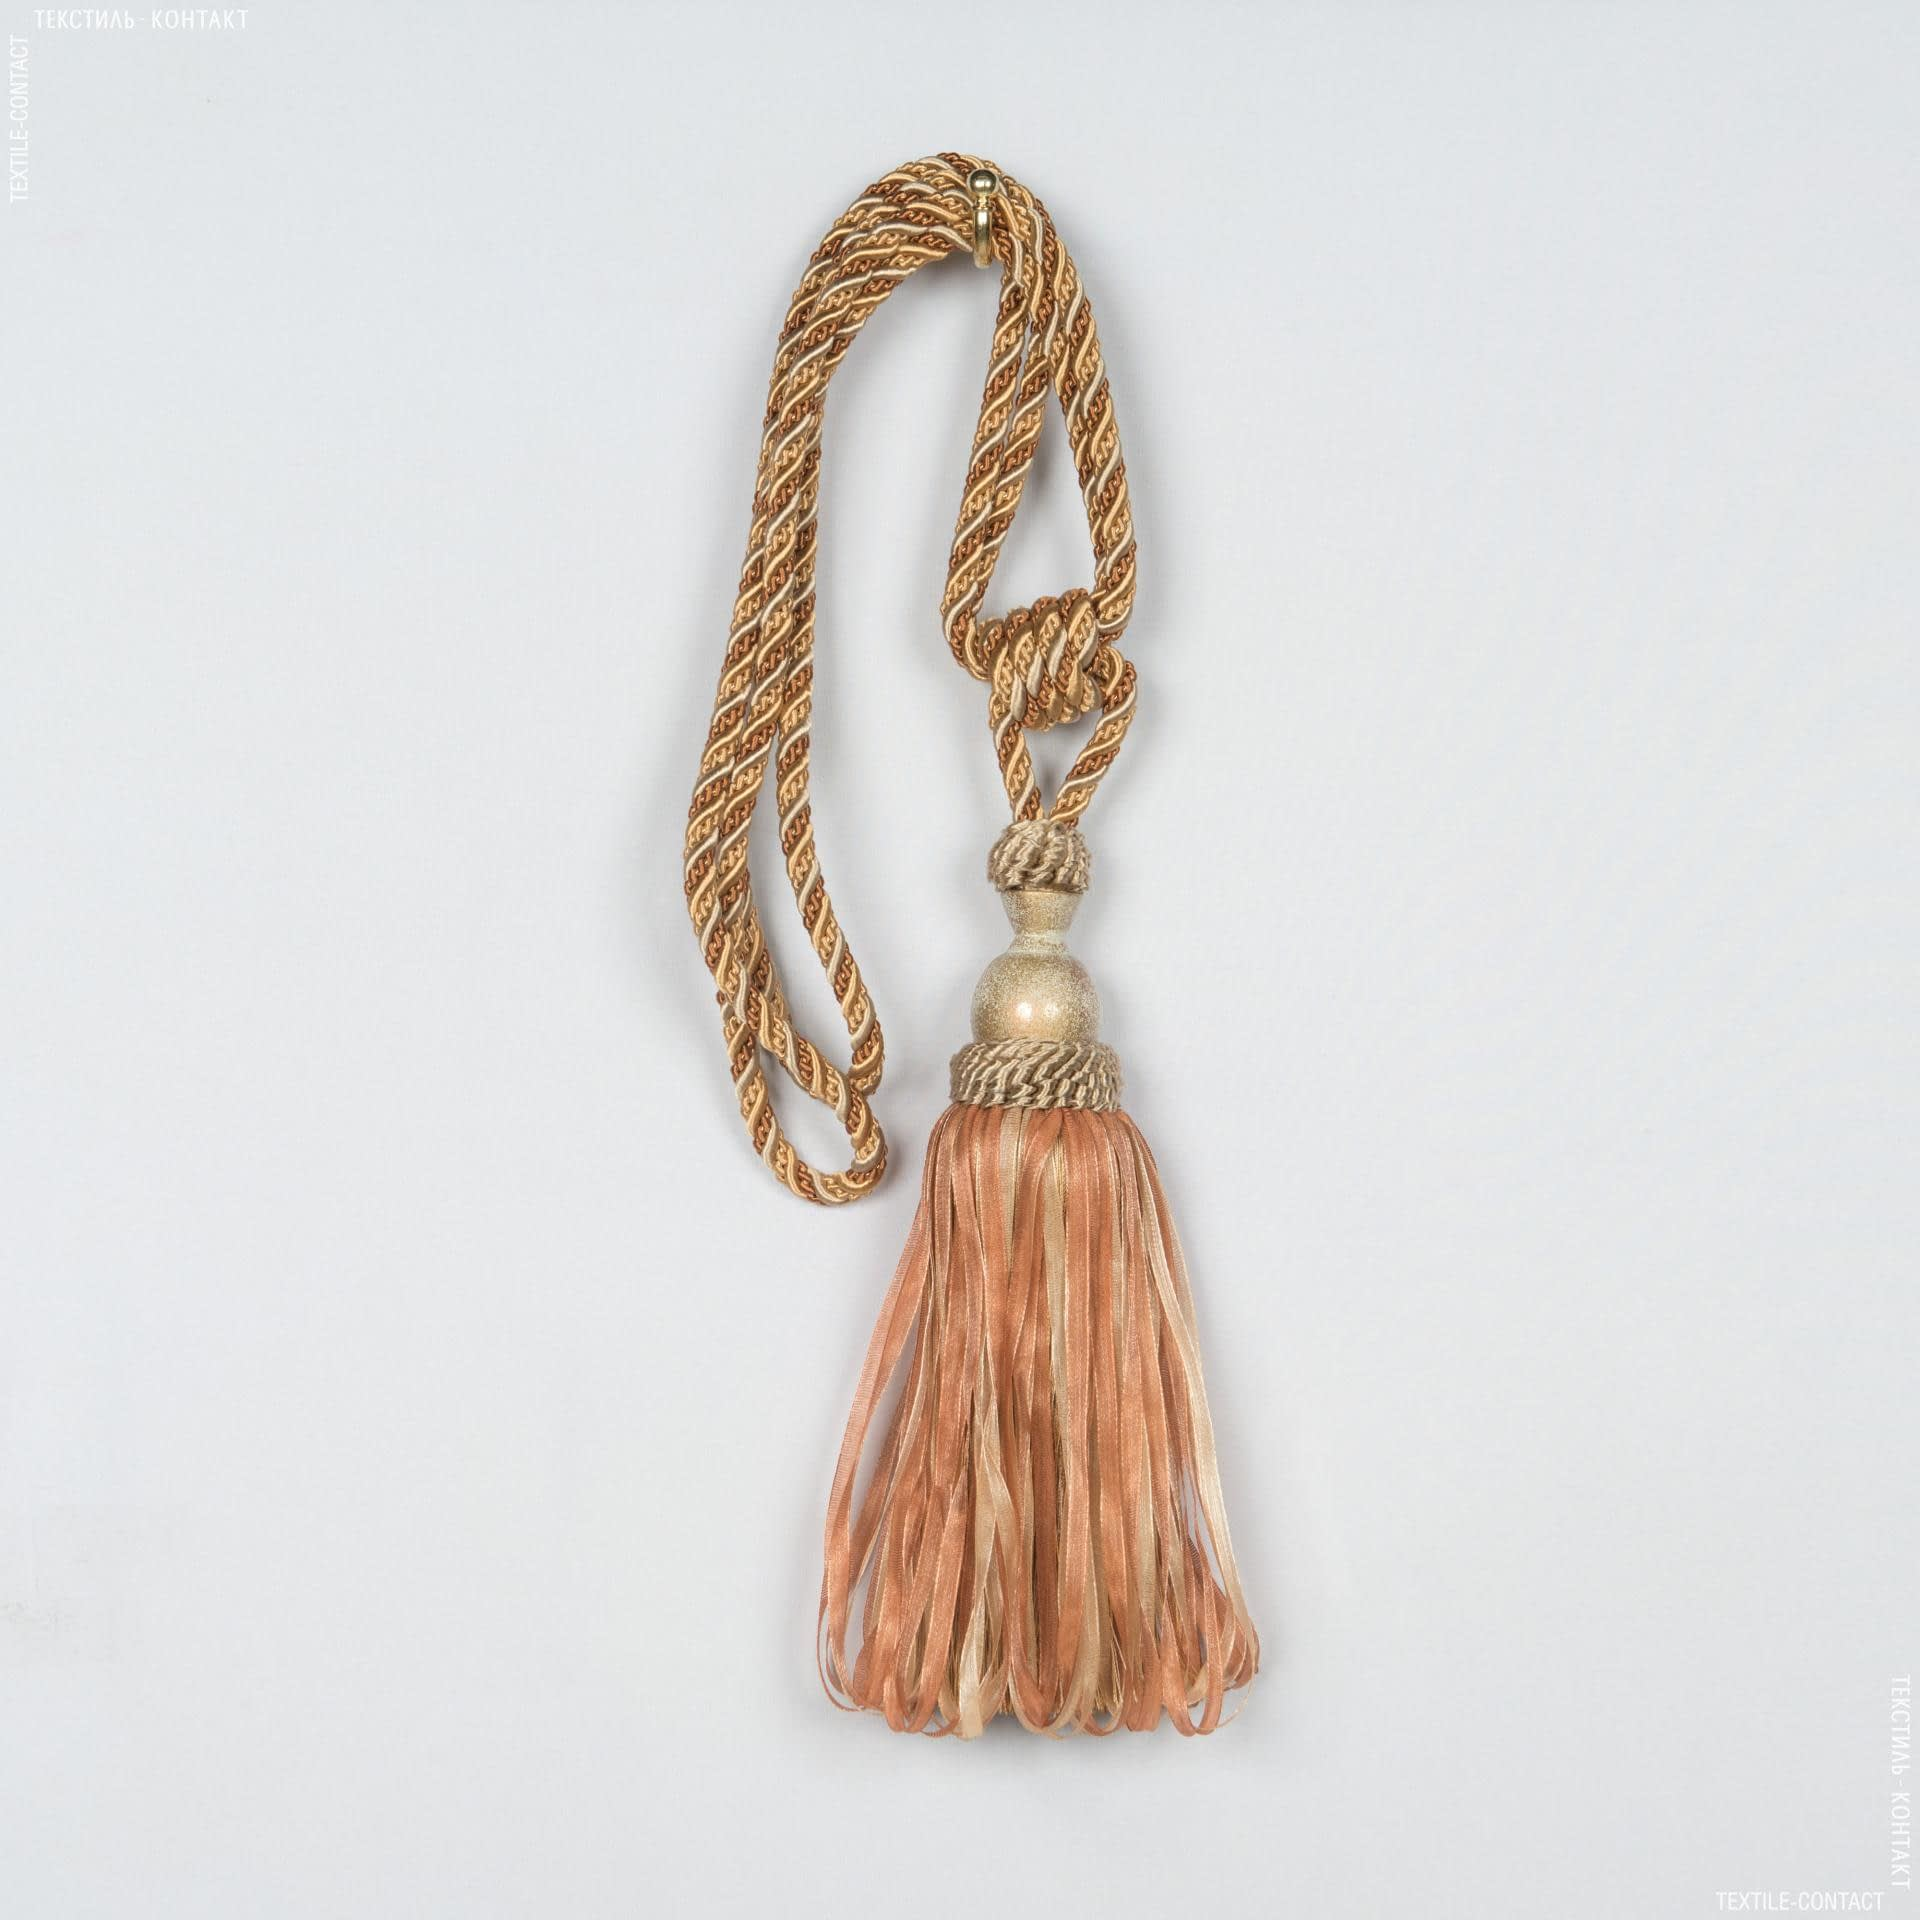 Тканини фурнітура для декора - Кисті імеджен органза карамель